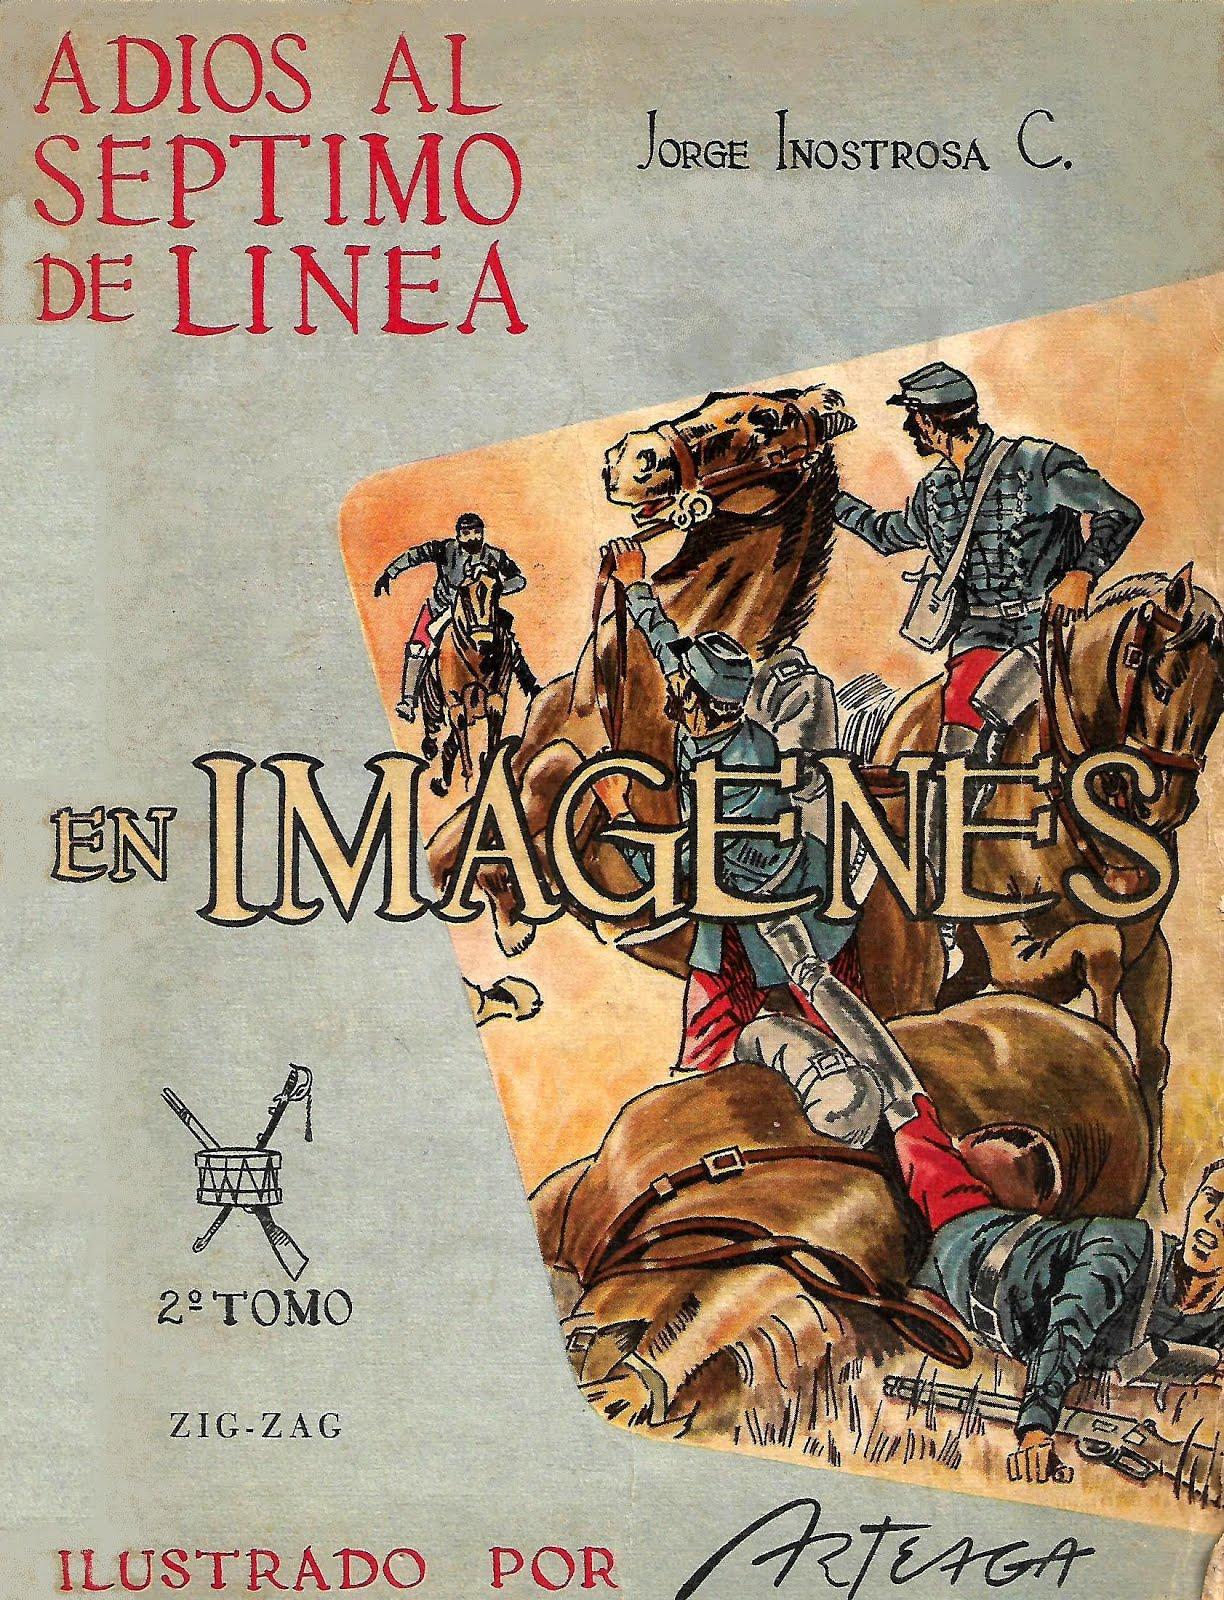 ADIÓS AL 7º DE LINEA, en imágenes. Jorge Inostrosa C. - Arteaga2 TOMOS, COLECCIÓN COMPLETA - Escane